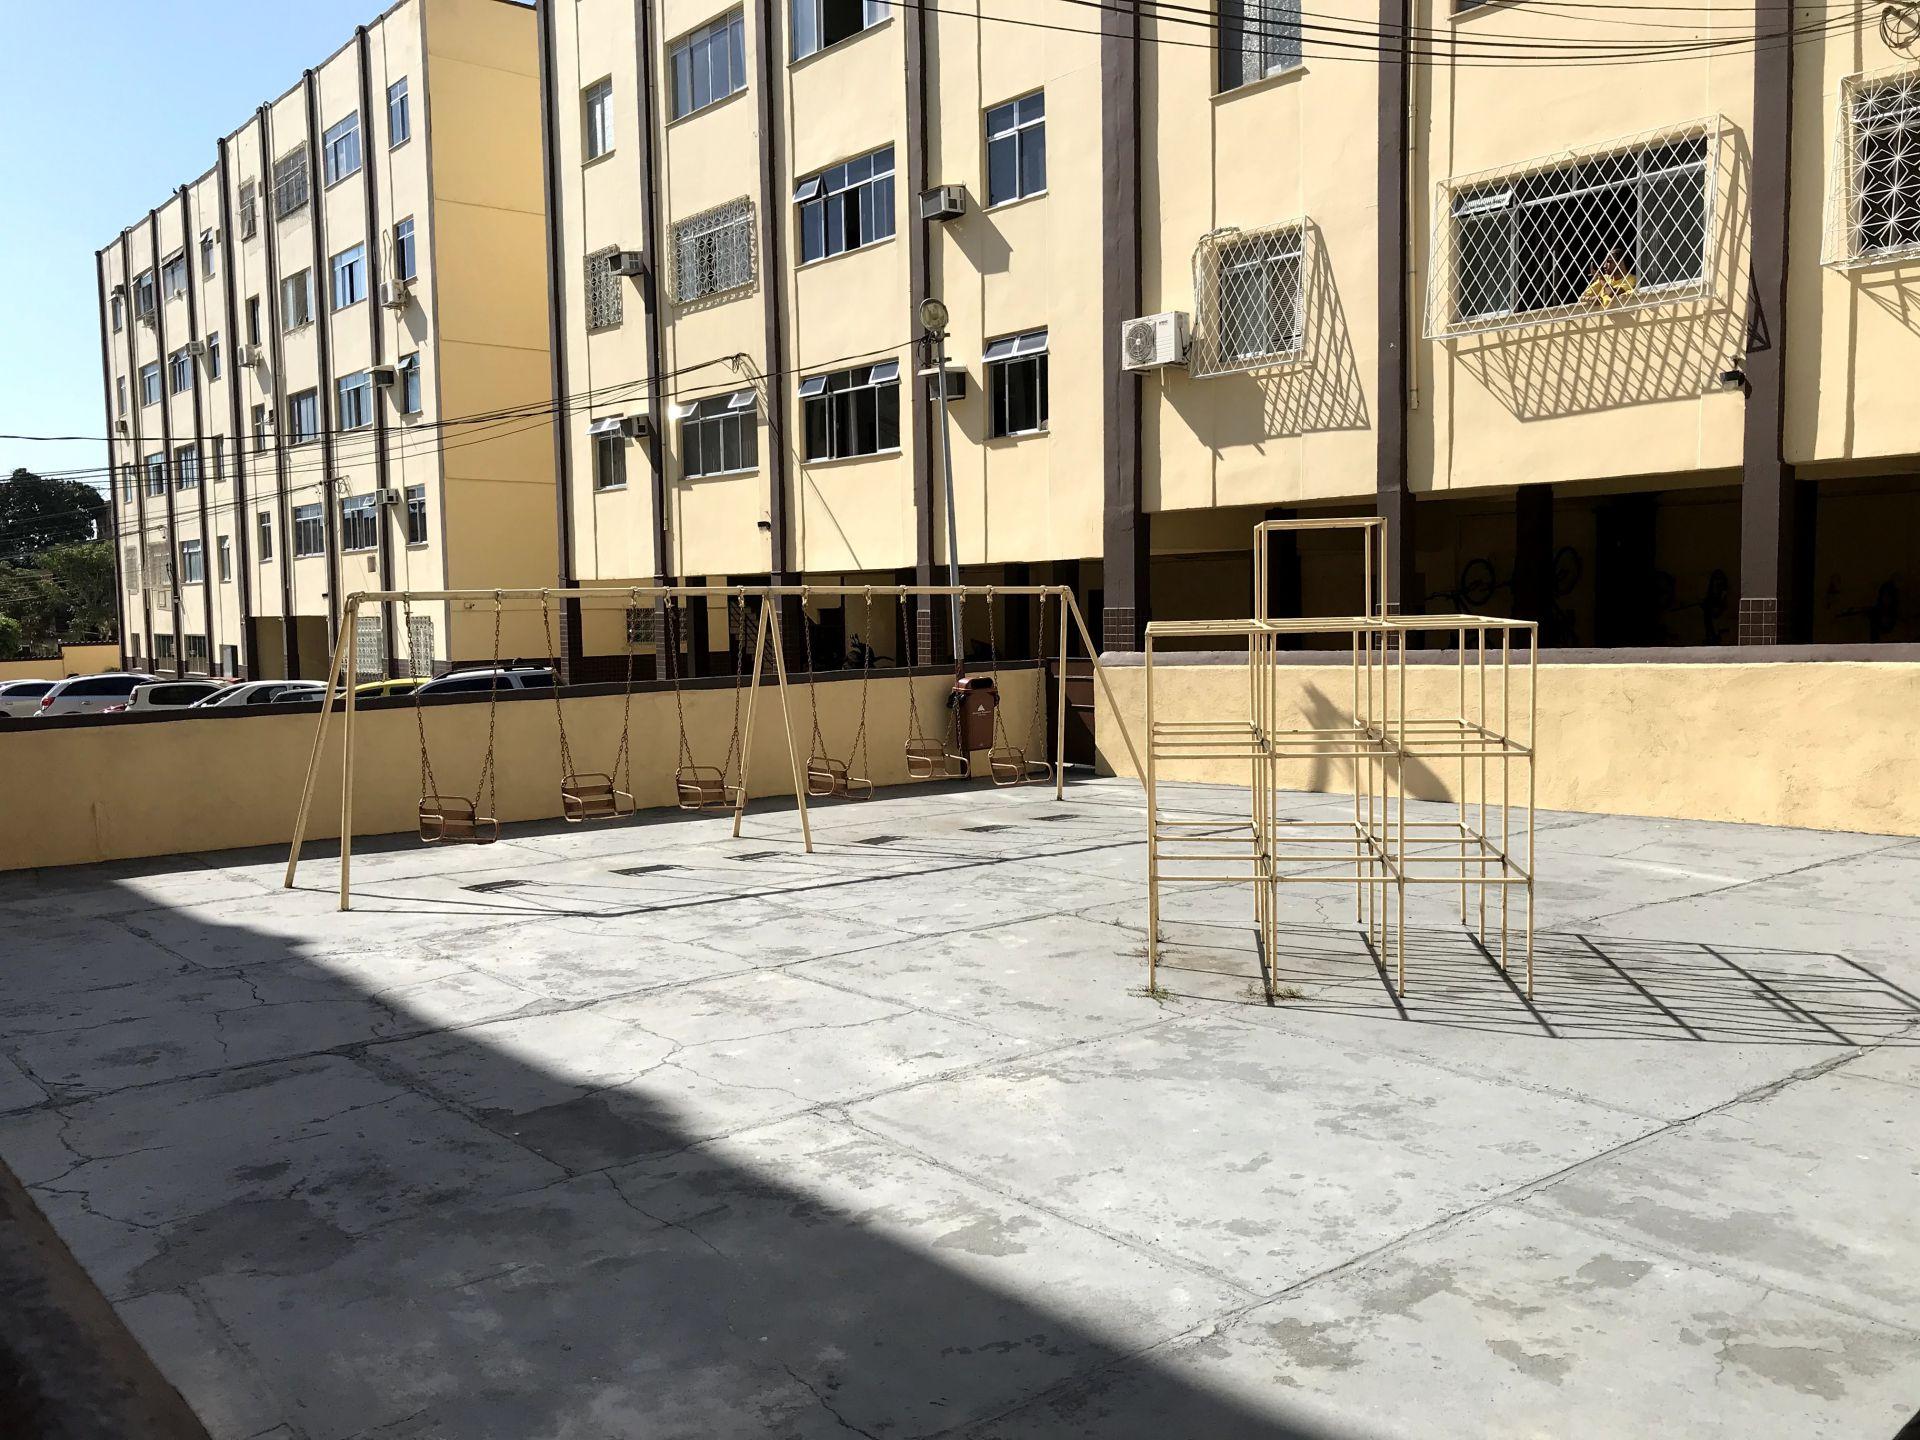 FOTO 14 - Apartamento à venda Rua Francisco,Praça Seca, Rio de Janeiro - R$ 180.000 - RF170 - 15